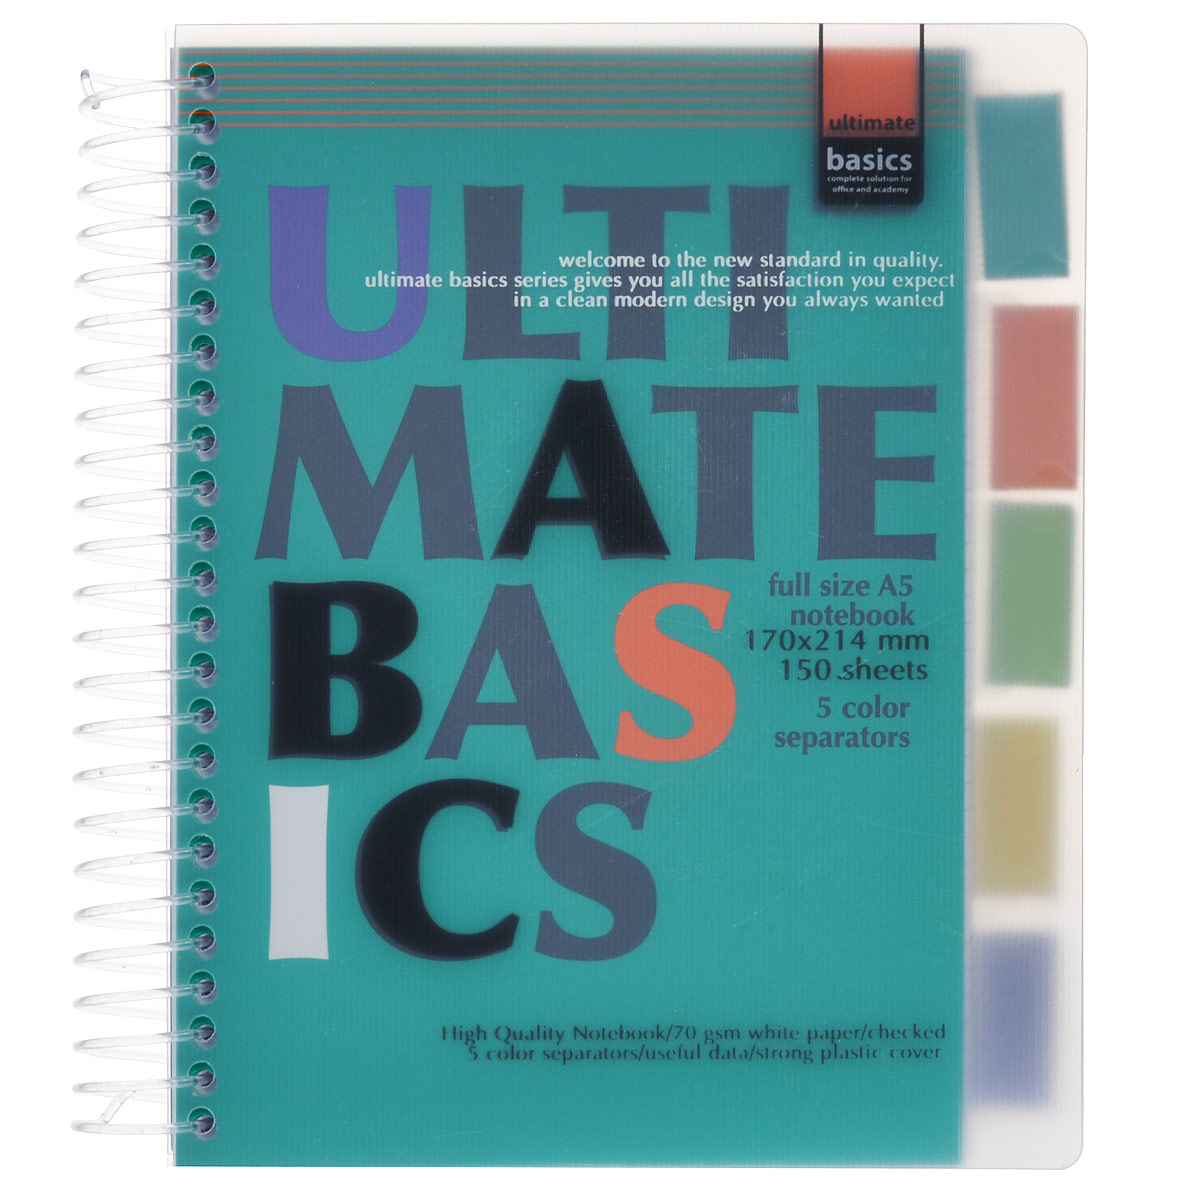 Бизнес-блокнот Ultimate Basics, цвет: зеленый, 150 листов. Формат А5 блокнот серия natural формат а5 140 стр темно бордовый в клетку